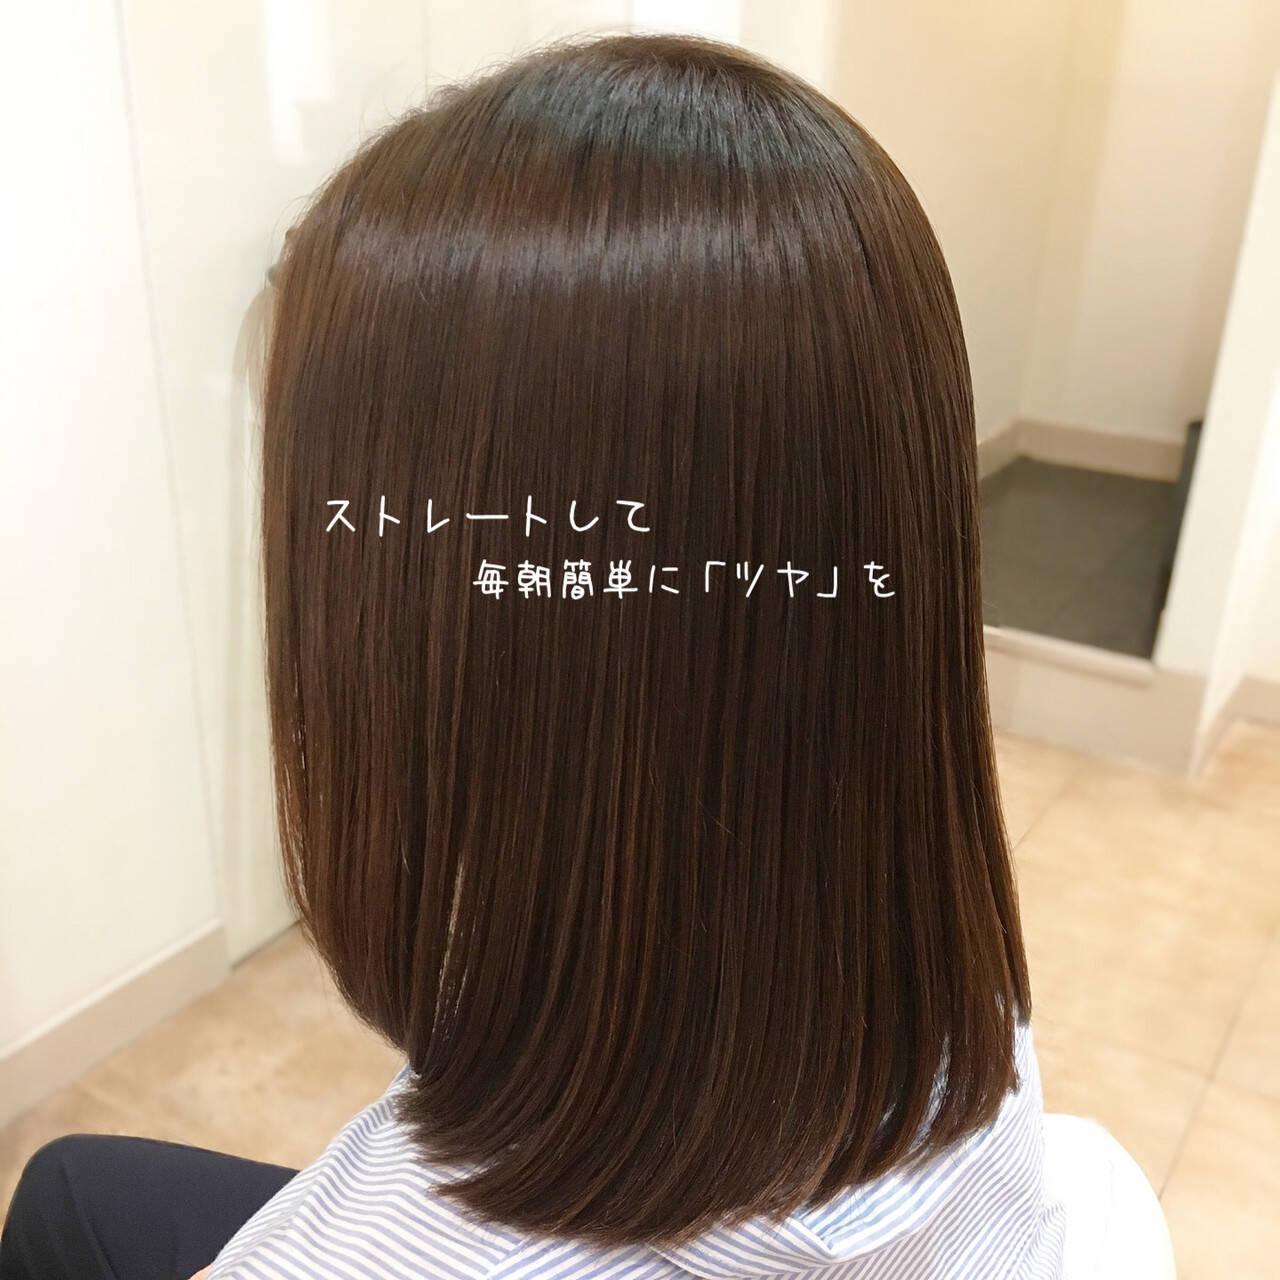 セミロング ツヤ ストレート サラサラヘアスタイルや髪型の写真・画像